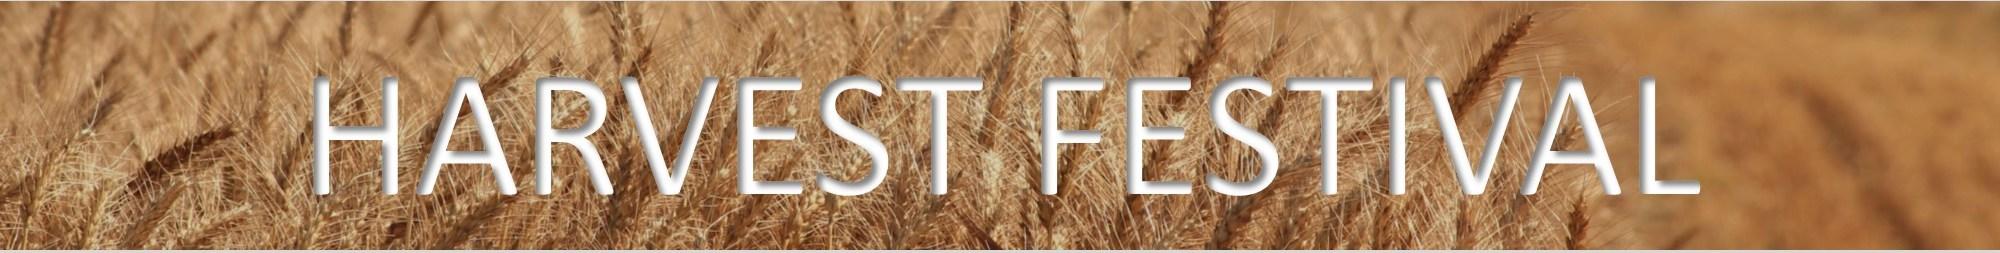 Harvest Festival header